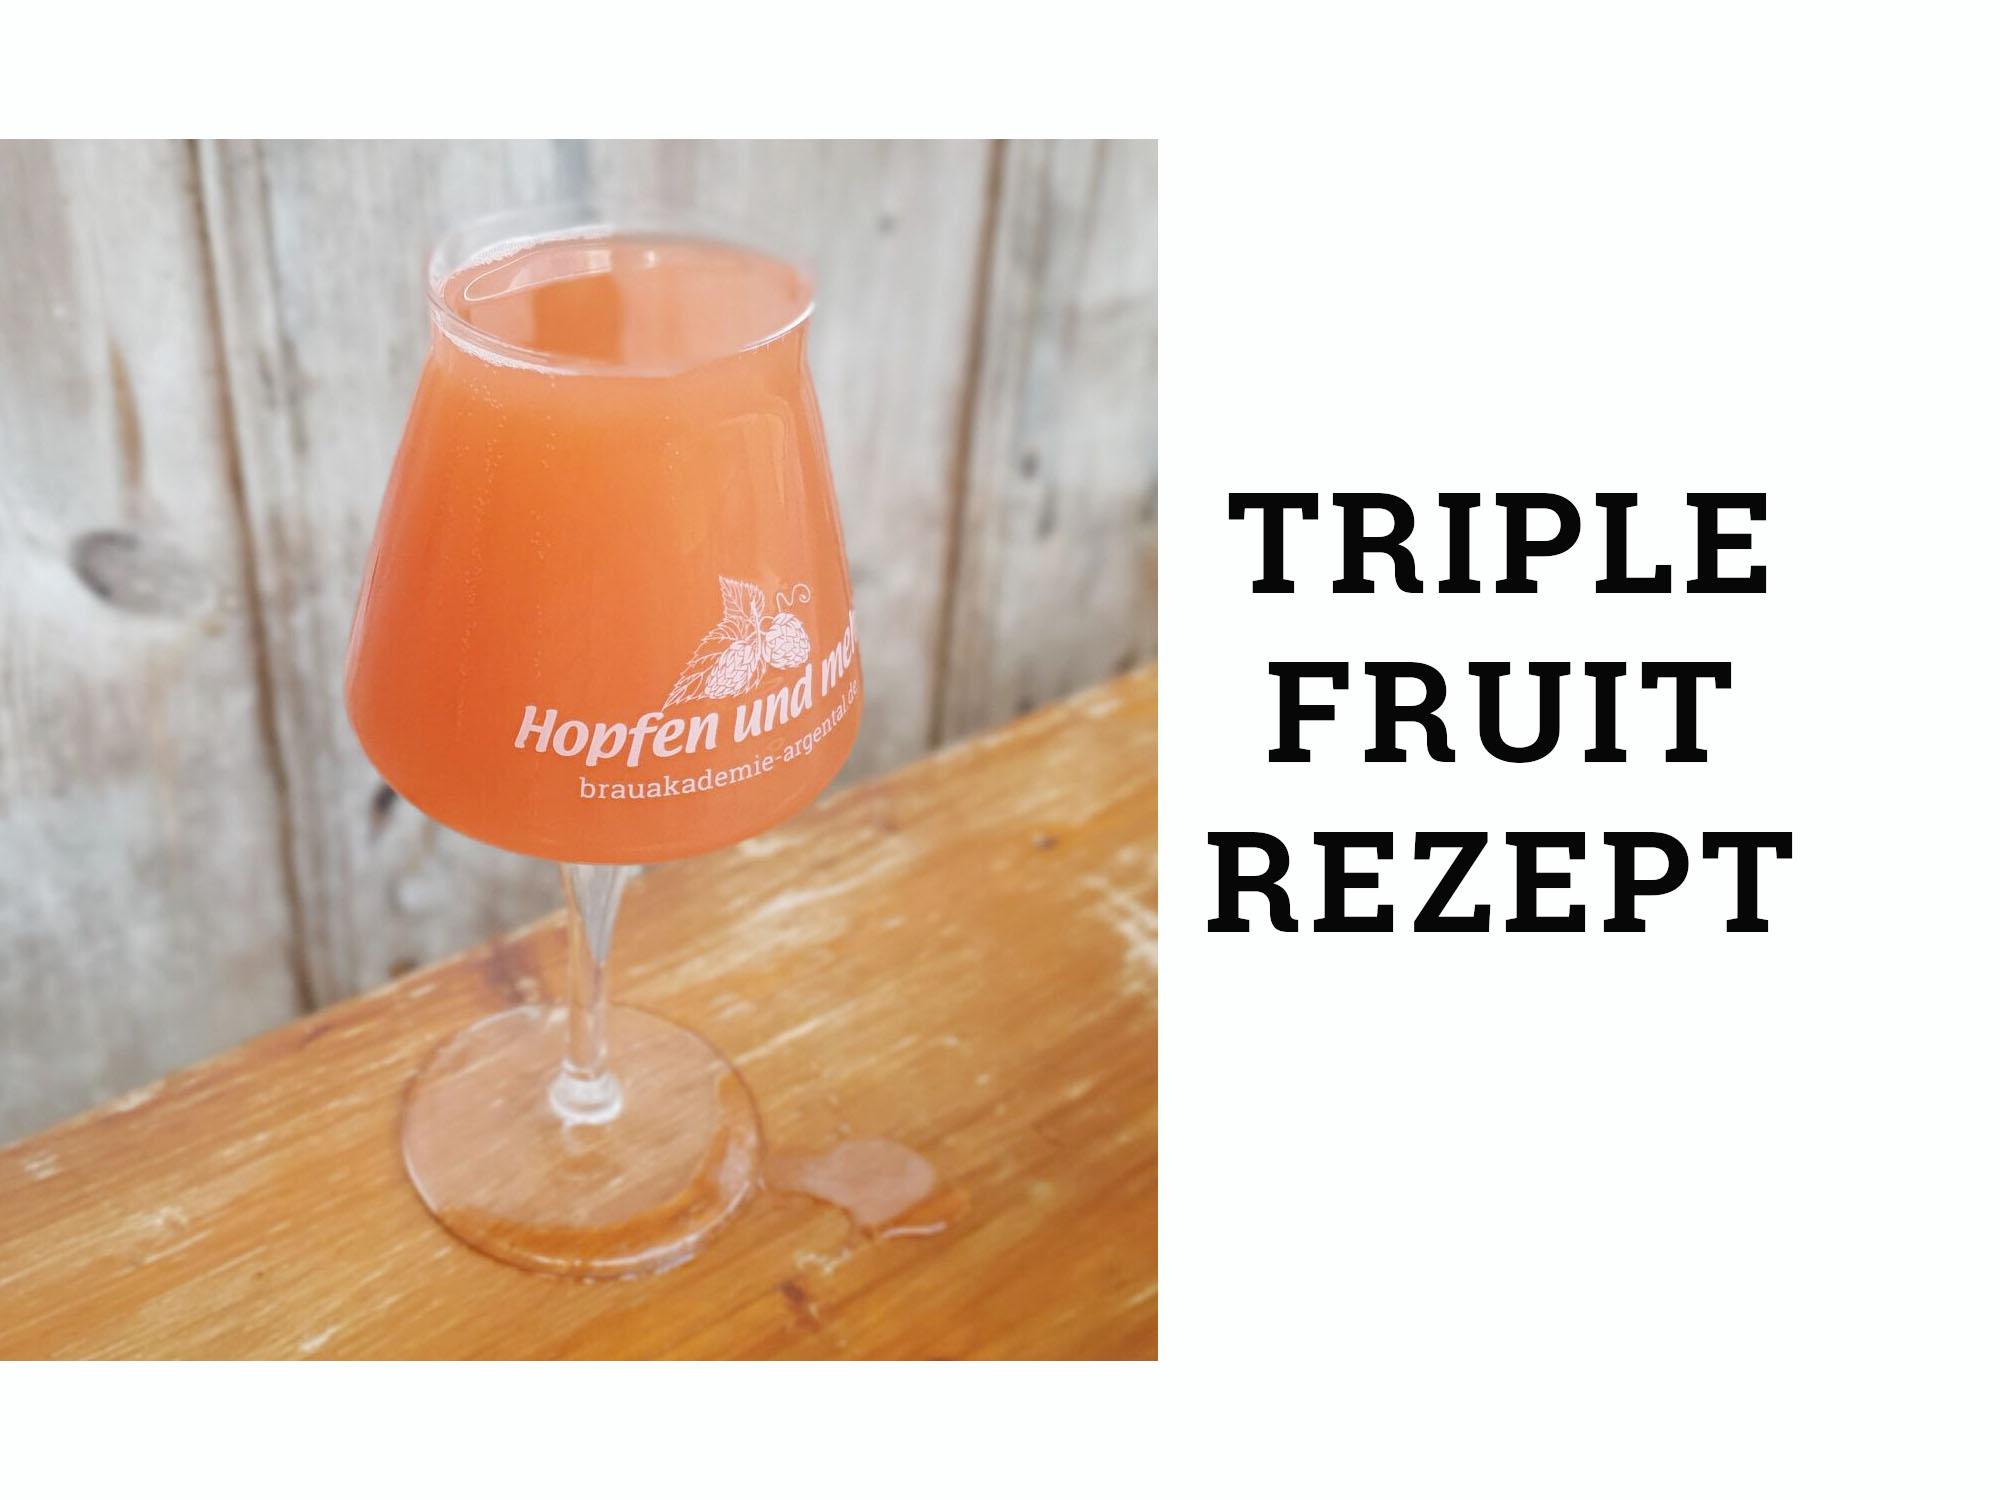 Triple Fruited Gose Rezept